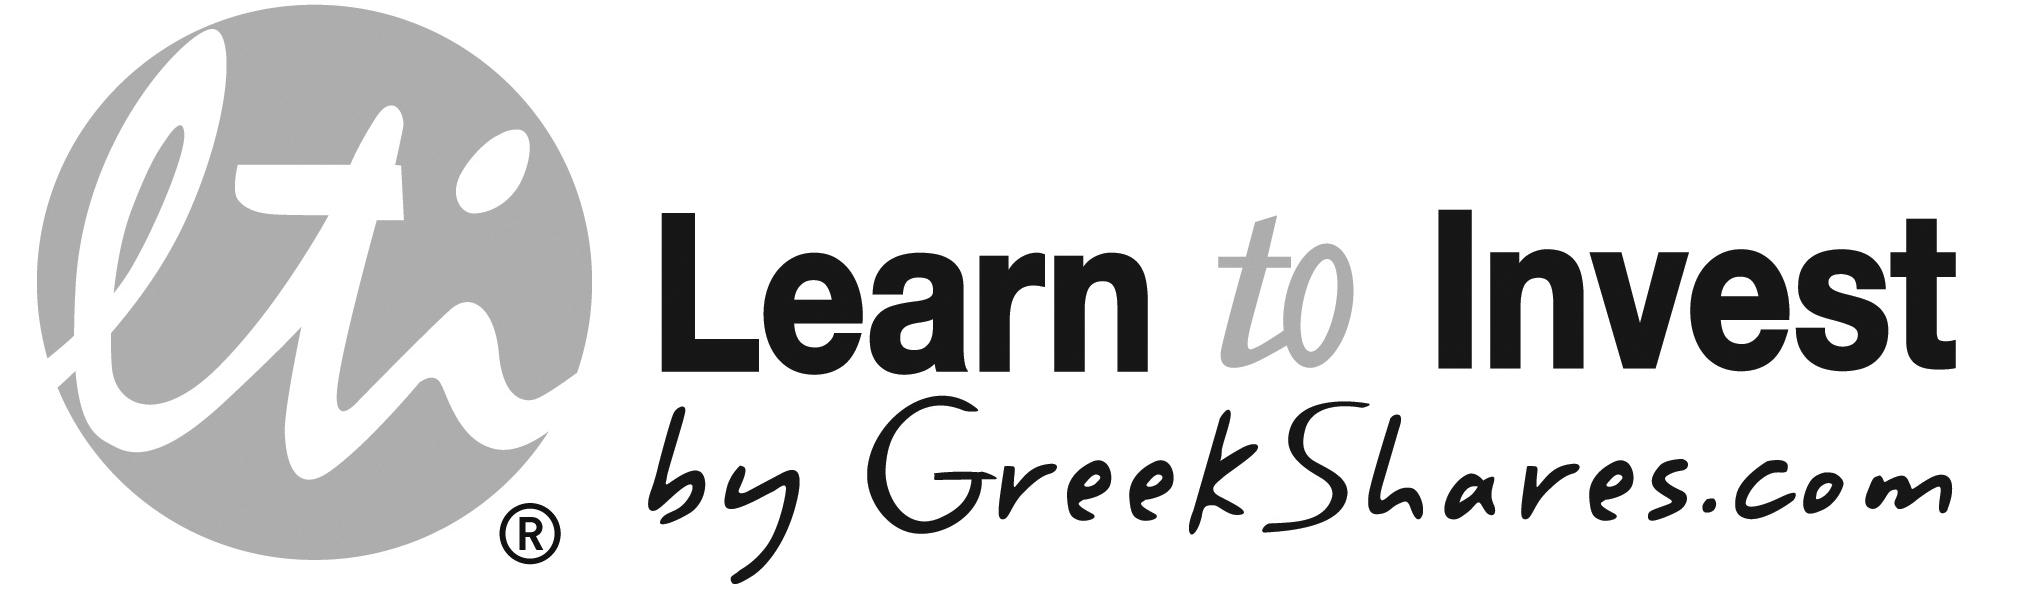 GreekShares